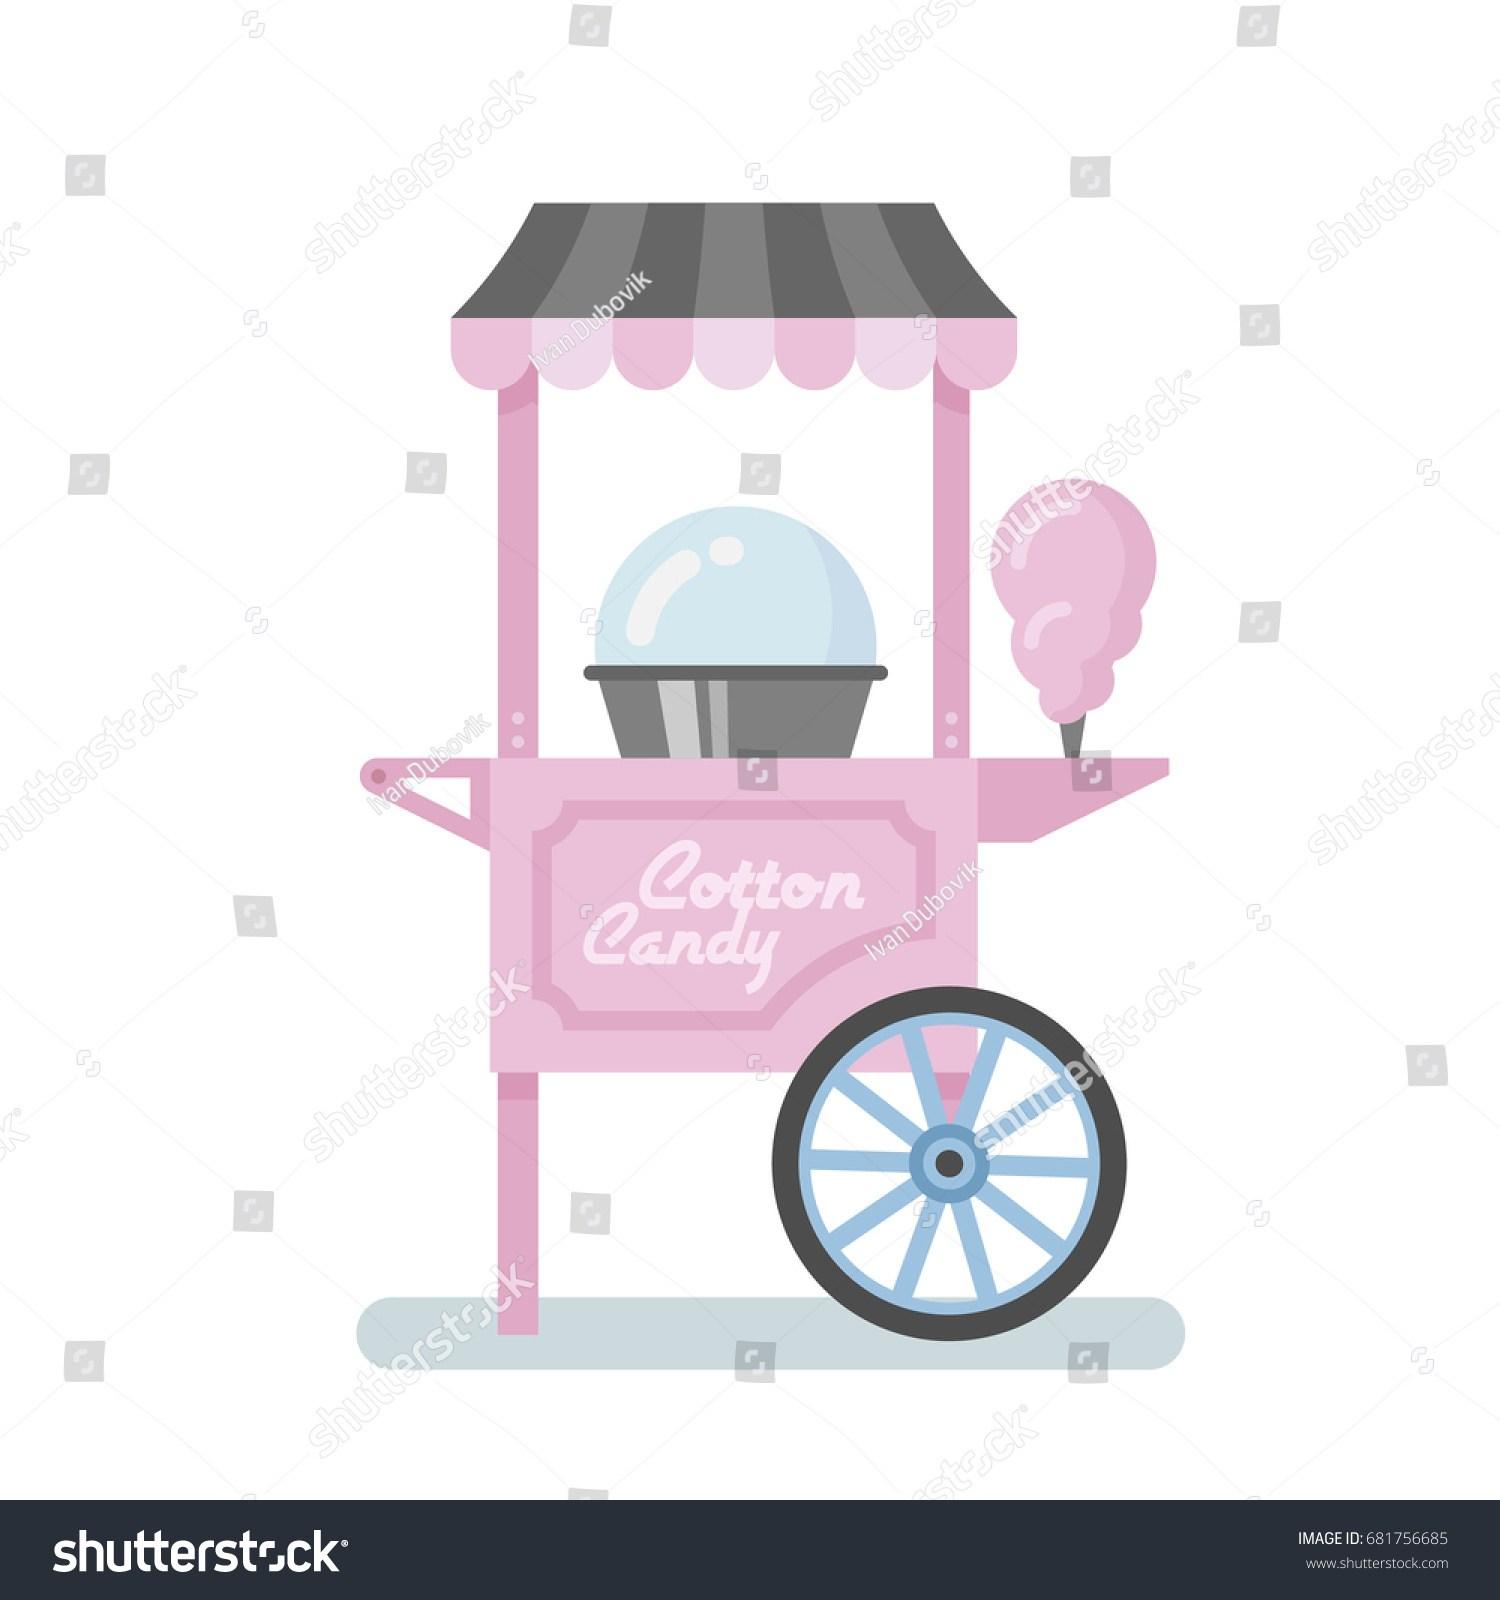 Cotton candy machine clipart 9 » Clipart Portal.